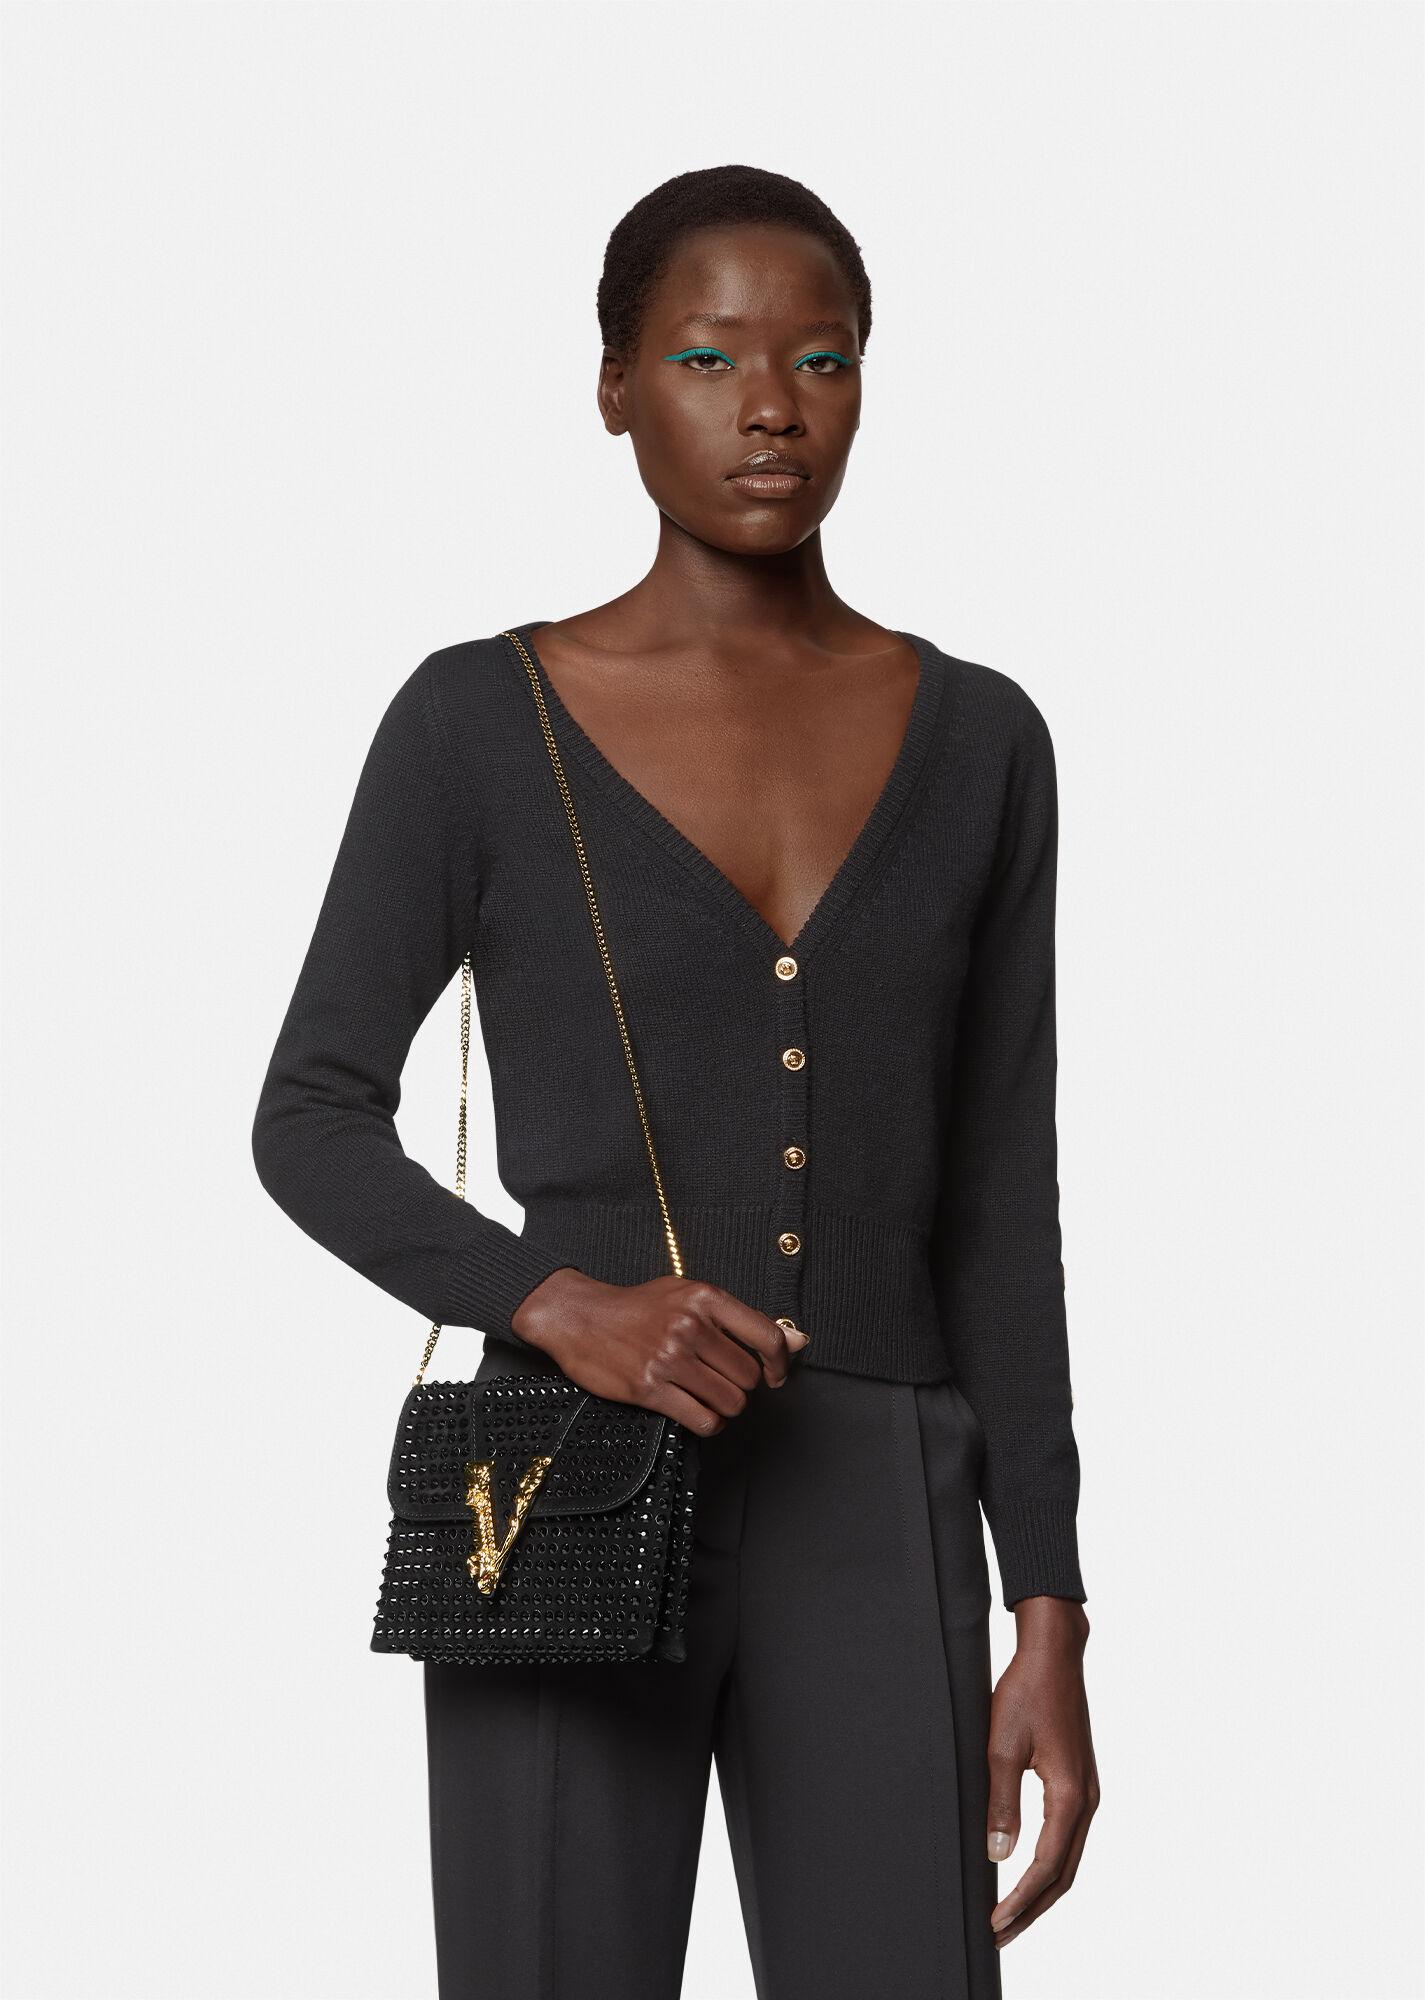 Pochette Virtus Versace (prezzo 1390 euro)